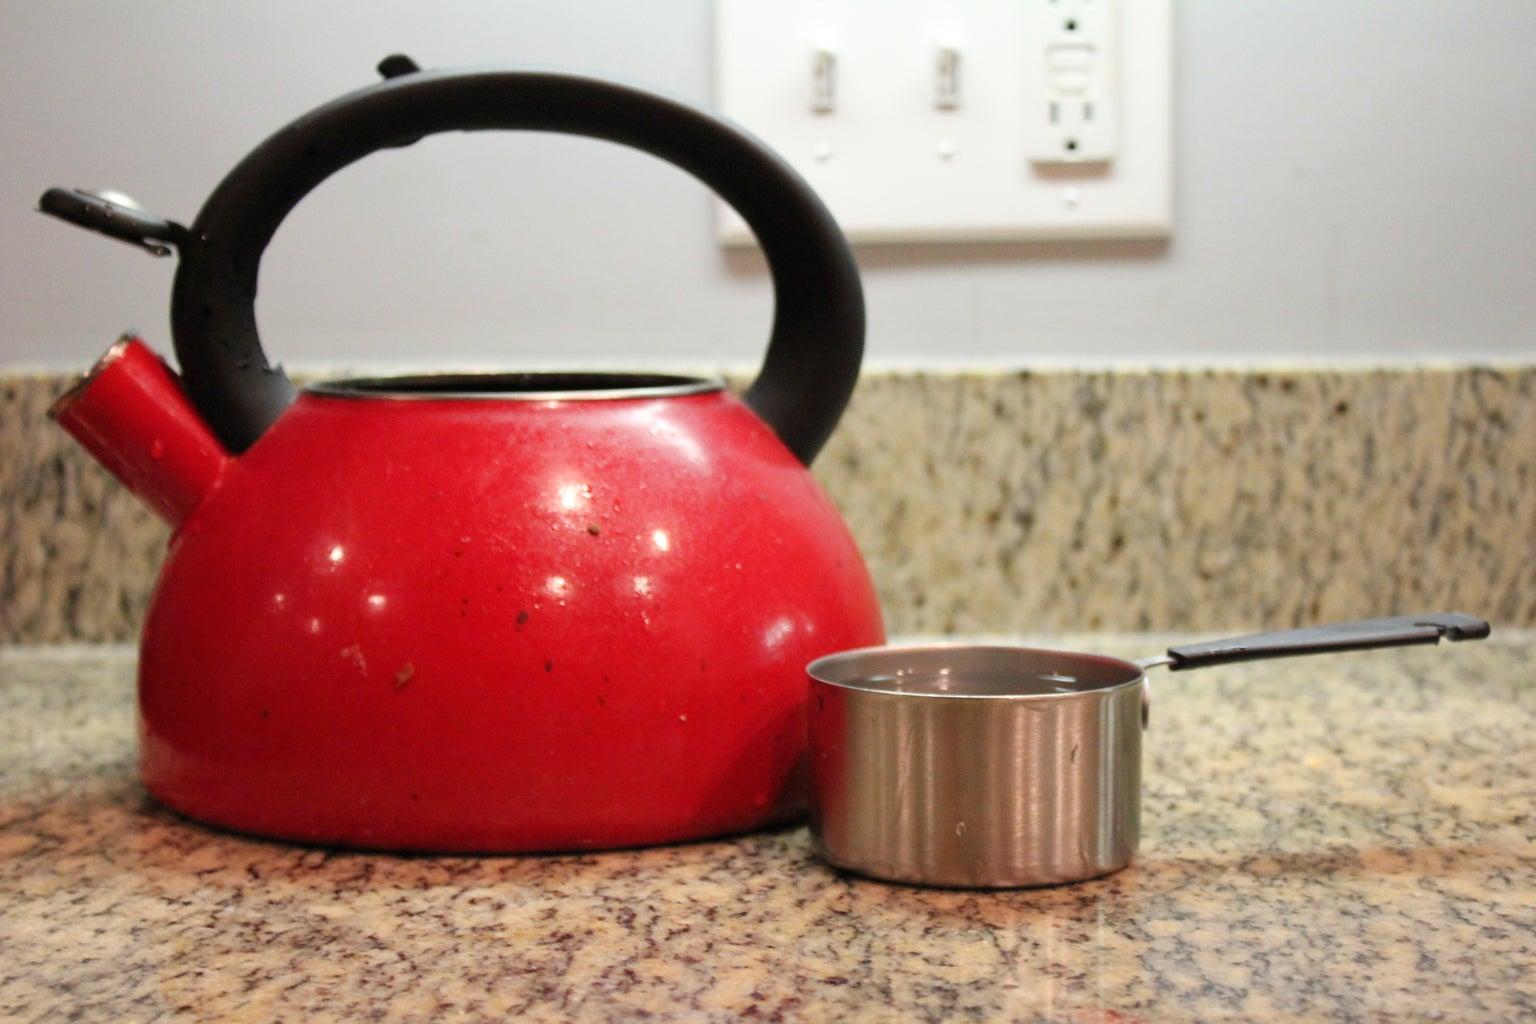 Making the Tea